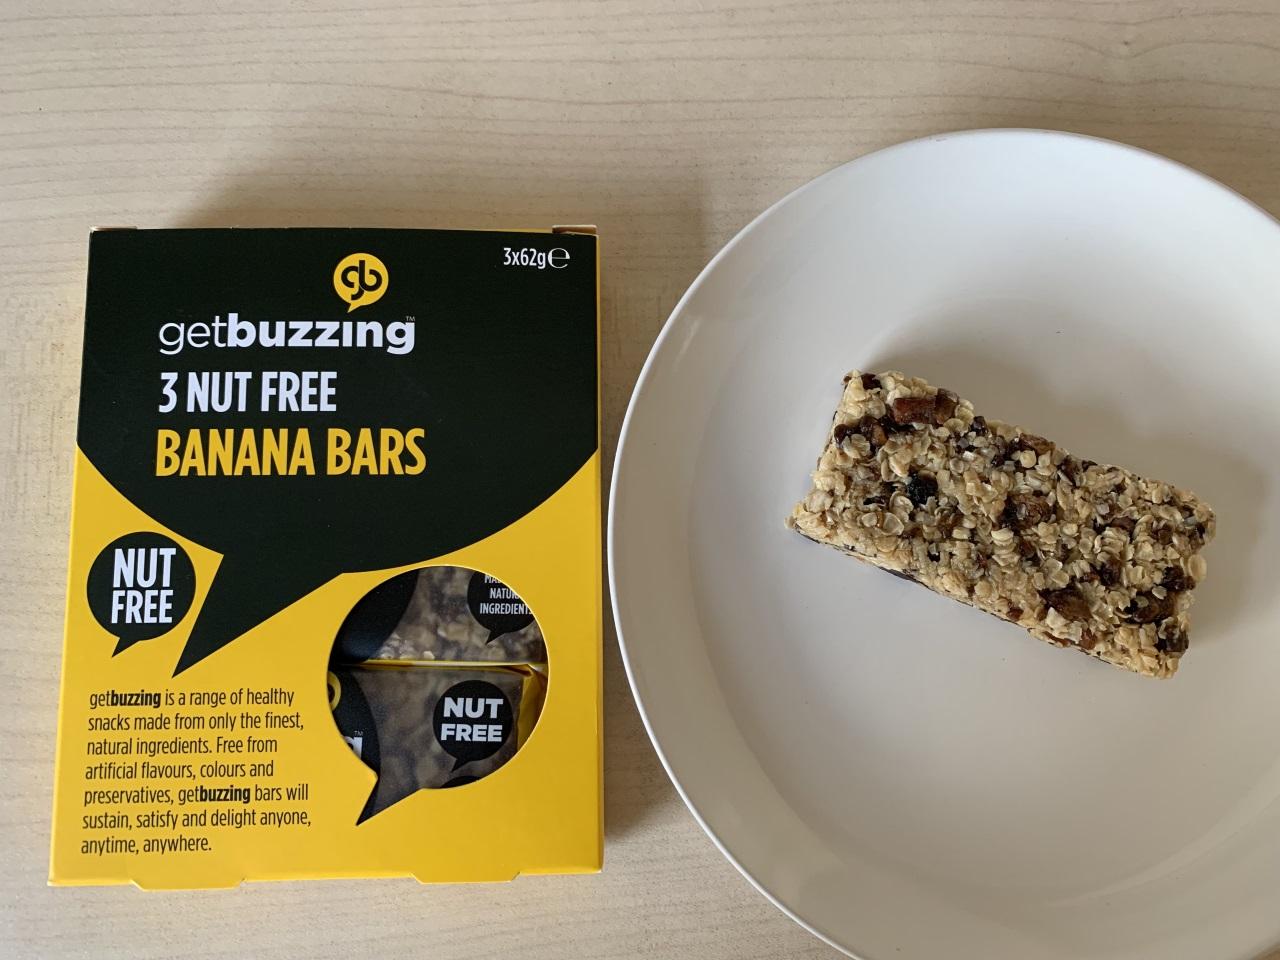 get buzzing 3 NUT FREE BANANA BARS